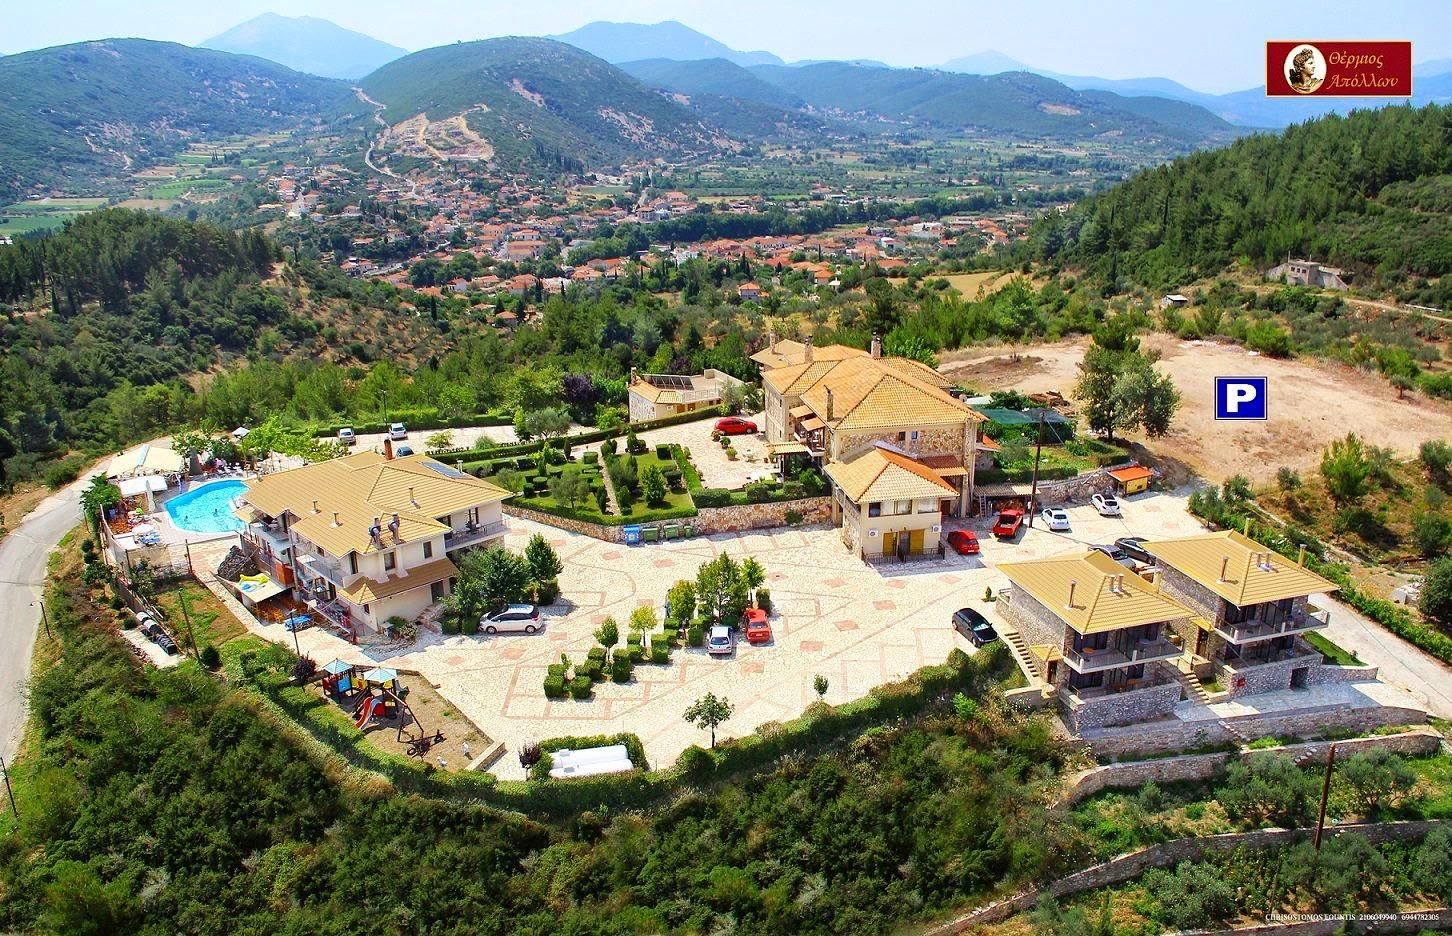 Ξενοδοχείο Θέρμιος Απόλλων